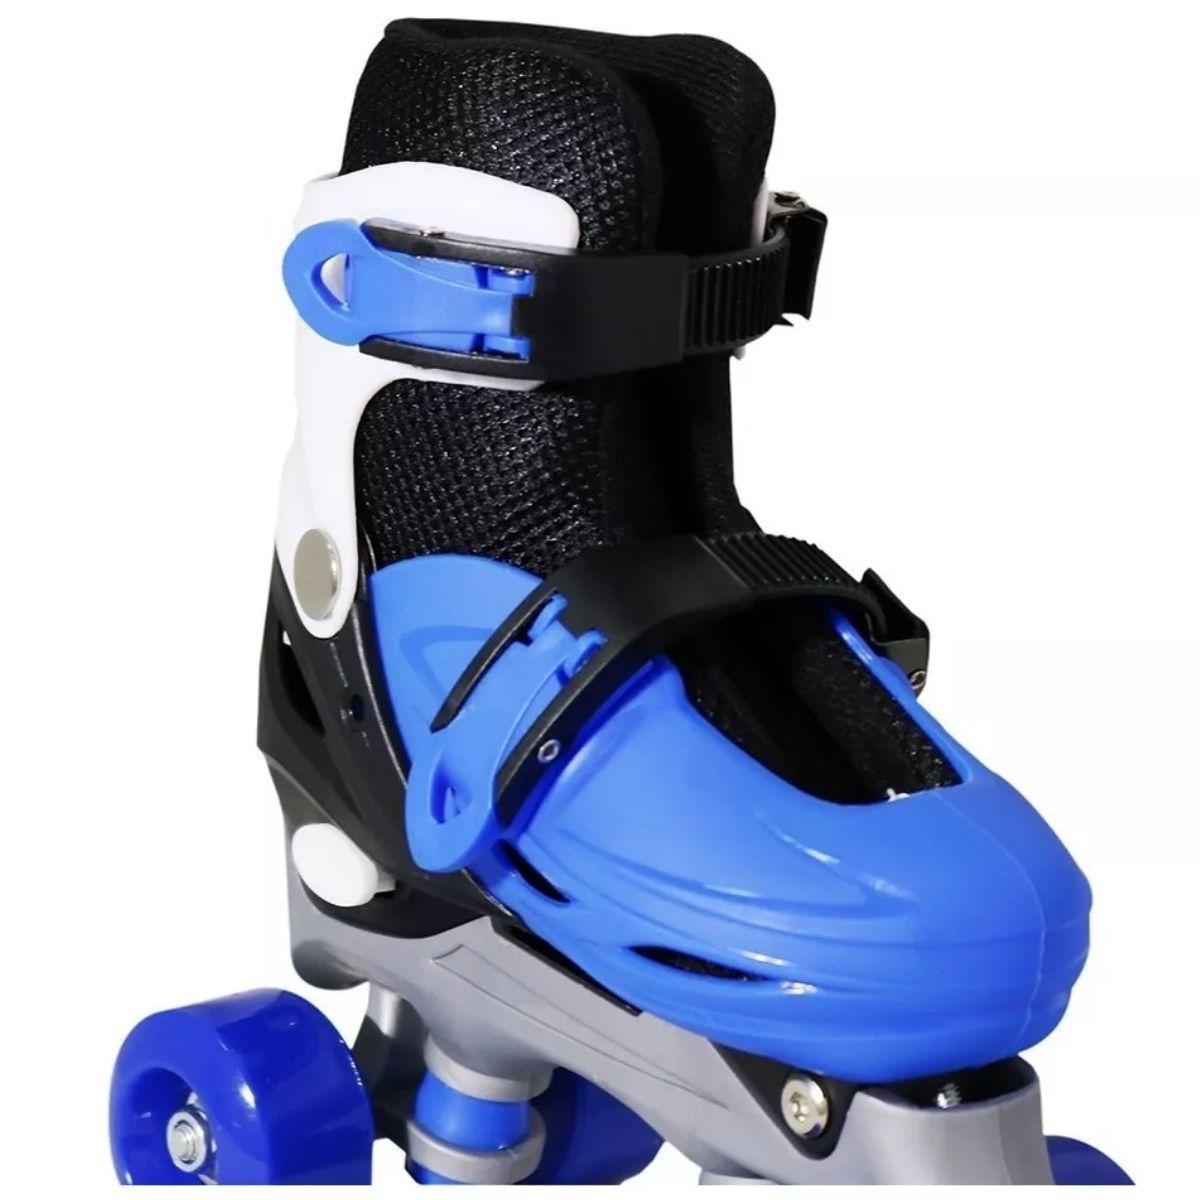 Patins Infantil Masculino Azul 4 Rodas Roller - BW-016-AZ